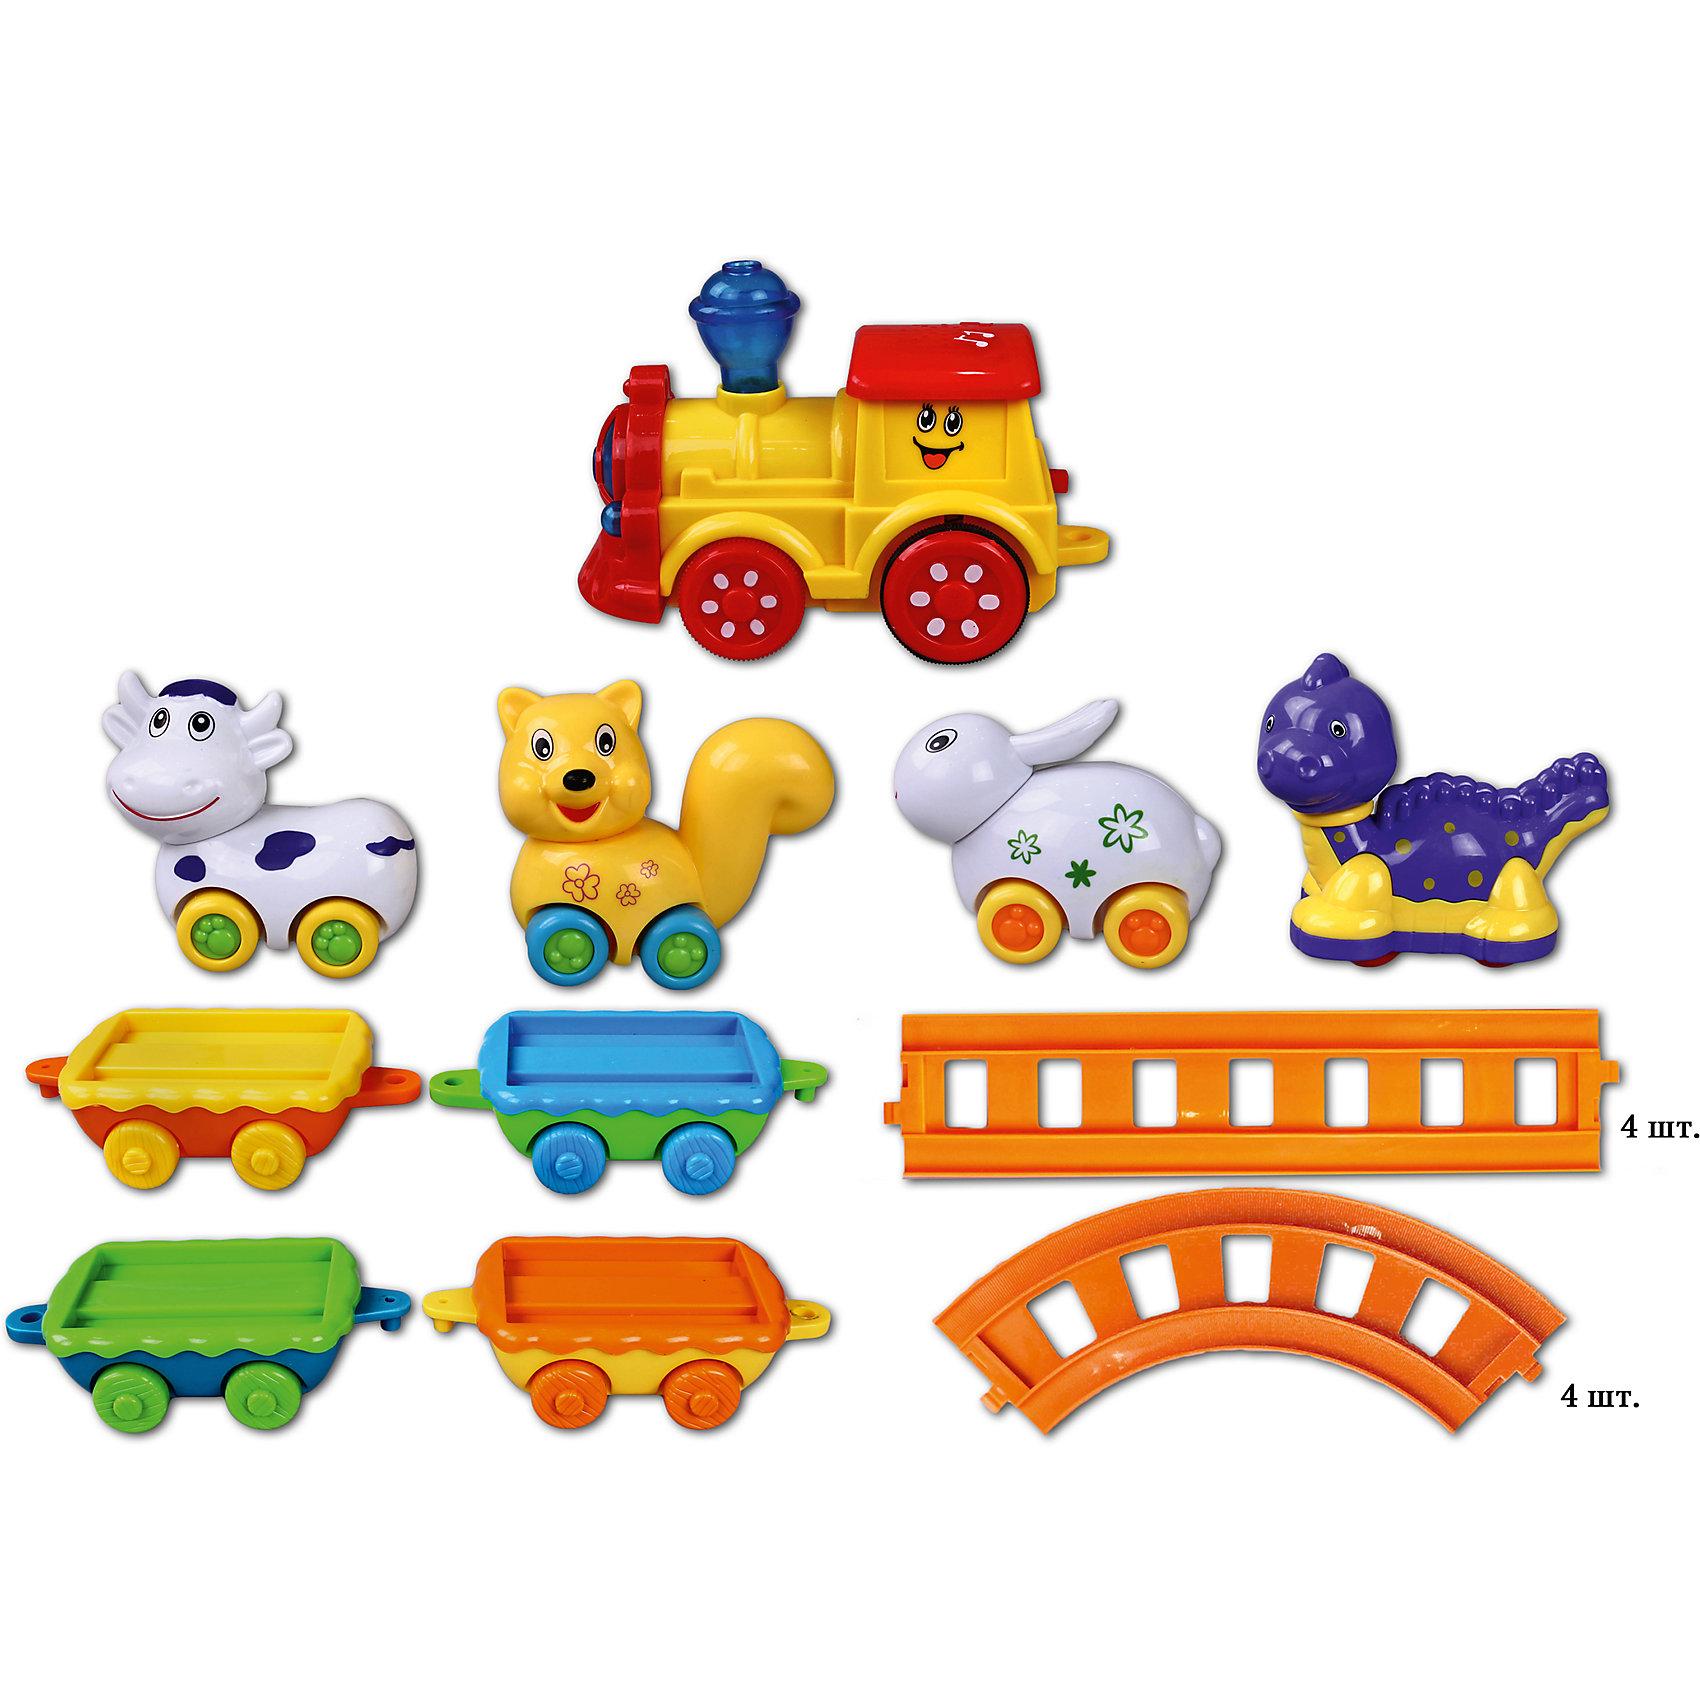 Железная дорога Веселое путешествие, Голубая стрелаИгрушечная железная дорога<br>Железная дорога Веселое путешествие, Голубая стрела.<br><br>Характеристики:<br><br>• Комплектация: красно-желтый паровоз, четыре разноцветных вагона-платформы, четыре фигурки животных, элементы пути (4 прямых, 4 изогнутых)<br>• Размер паровозика: 13,5х6,7х9,3 см.<br>• Собирается в форме: малого овала (63 х61см); большого овала (94,5х41см); круга (диаметр - 41 см); четырехугольника (43х43 см)<br>• Батарейки: 3 типа АА 1,5 V (в комплект не входят)<br>• Материал: пластик<br>• Упаковка: картонная коробка блистерного типа<br>• Размер упаковки: 52х8х36 см.<br><br>Яркая железная дорога «Веселое путешествие» от производителя Голубая стрела – это игрушка для самых маленьких. Забавный паровозик везет за собой четыре вагончика-платформы с фигурками животных: динозаврика, кошечки, коровки и зайчика. У маленьких «пассажиров» есть собственные колесики, поэтому фигурки можно катать по любой поверхности. <br><br>Движение состава по рельсам сопровождается звуковыми и световыми эффектами. Железная дорога собирается в форме малого овала, большого овала, круга или четырехугольника. Играя с железной дорогой «Веселое путешествие», ребенок знакомится с цветом, разовьет мелкую моторику рук, координацию движений, воображение и тактильные ощущения. <br> <br>Железную дорогу Веселое путешествие, Голубая стрела можно купить в нашем интернет-магазине.<br><br>Ширина мм: 515<br>Глубина мм: 360<br>Высота мм: 80<br>Вес г: 1475<br>Возраст от месяцев: 36<br>Возраст до месяцев: 2147483647<br>Пол: Мужской<br>Возраст: Детский<br>SKU: 5400242